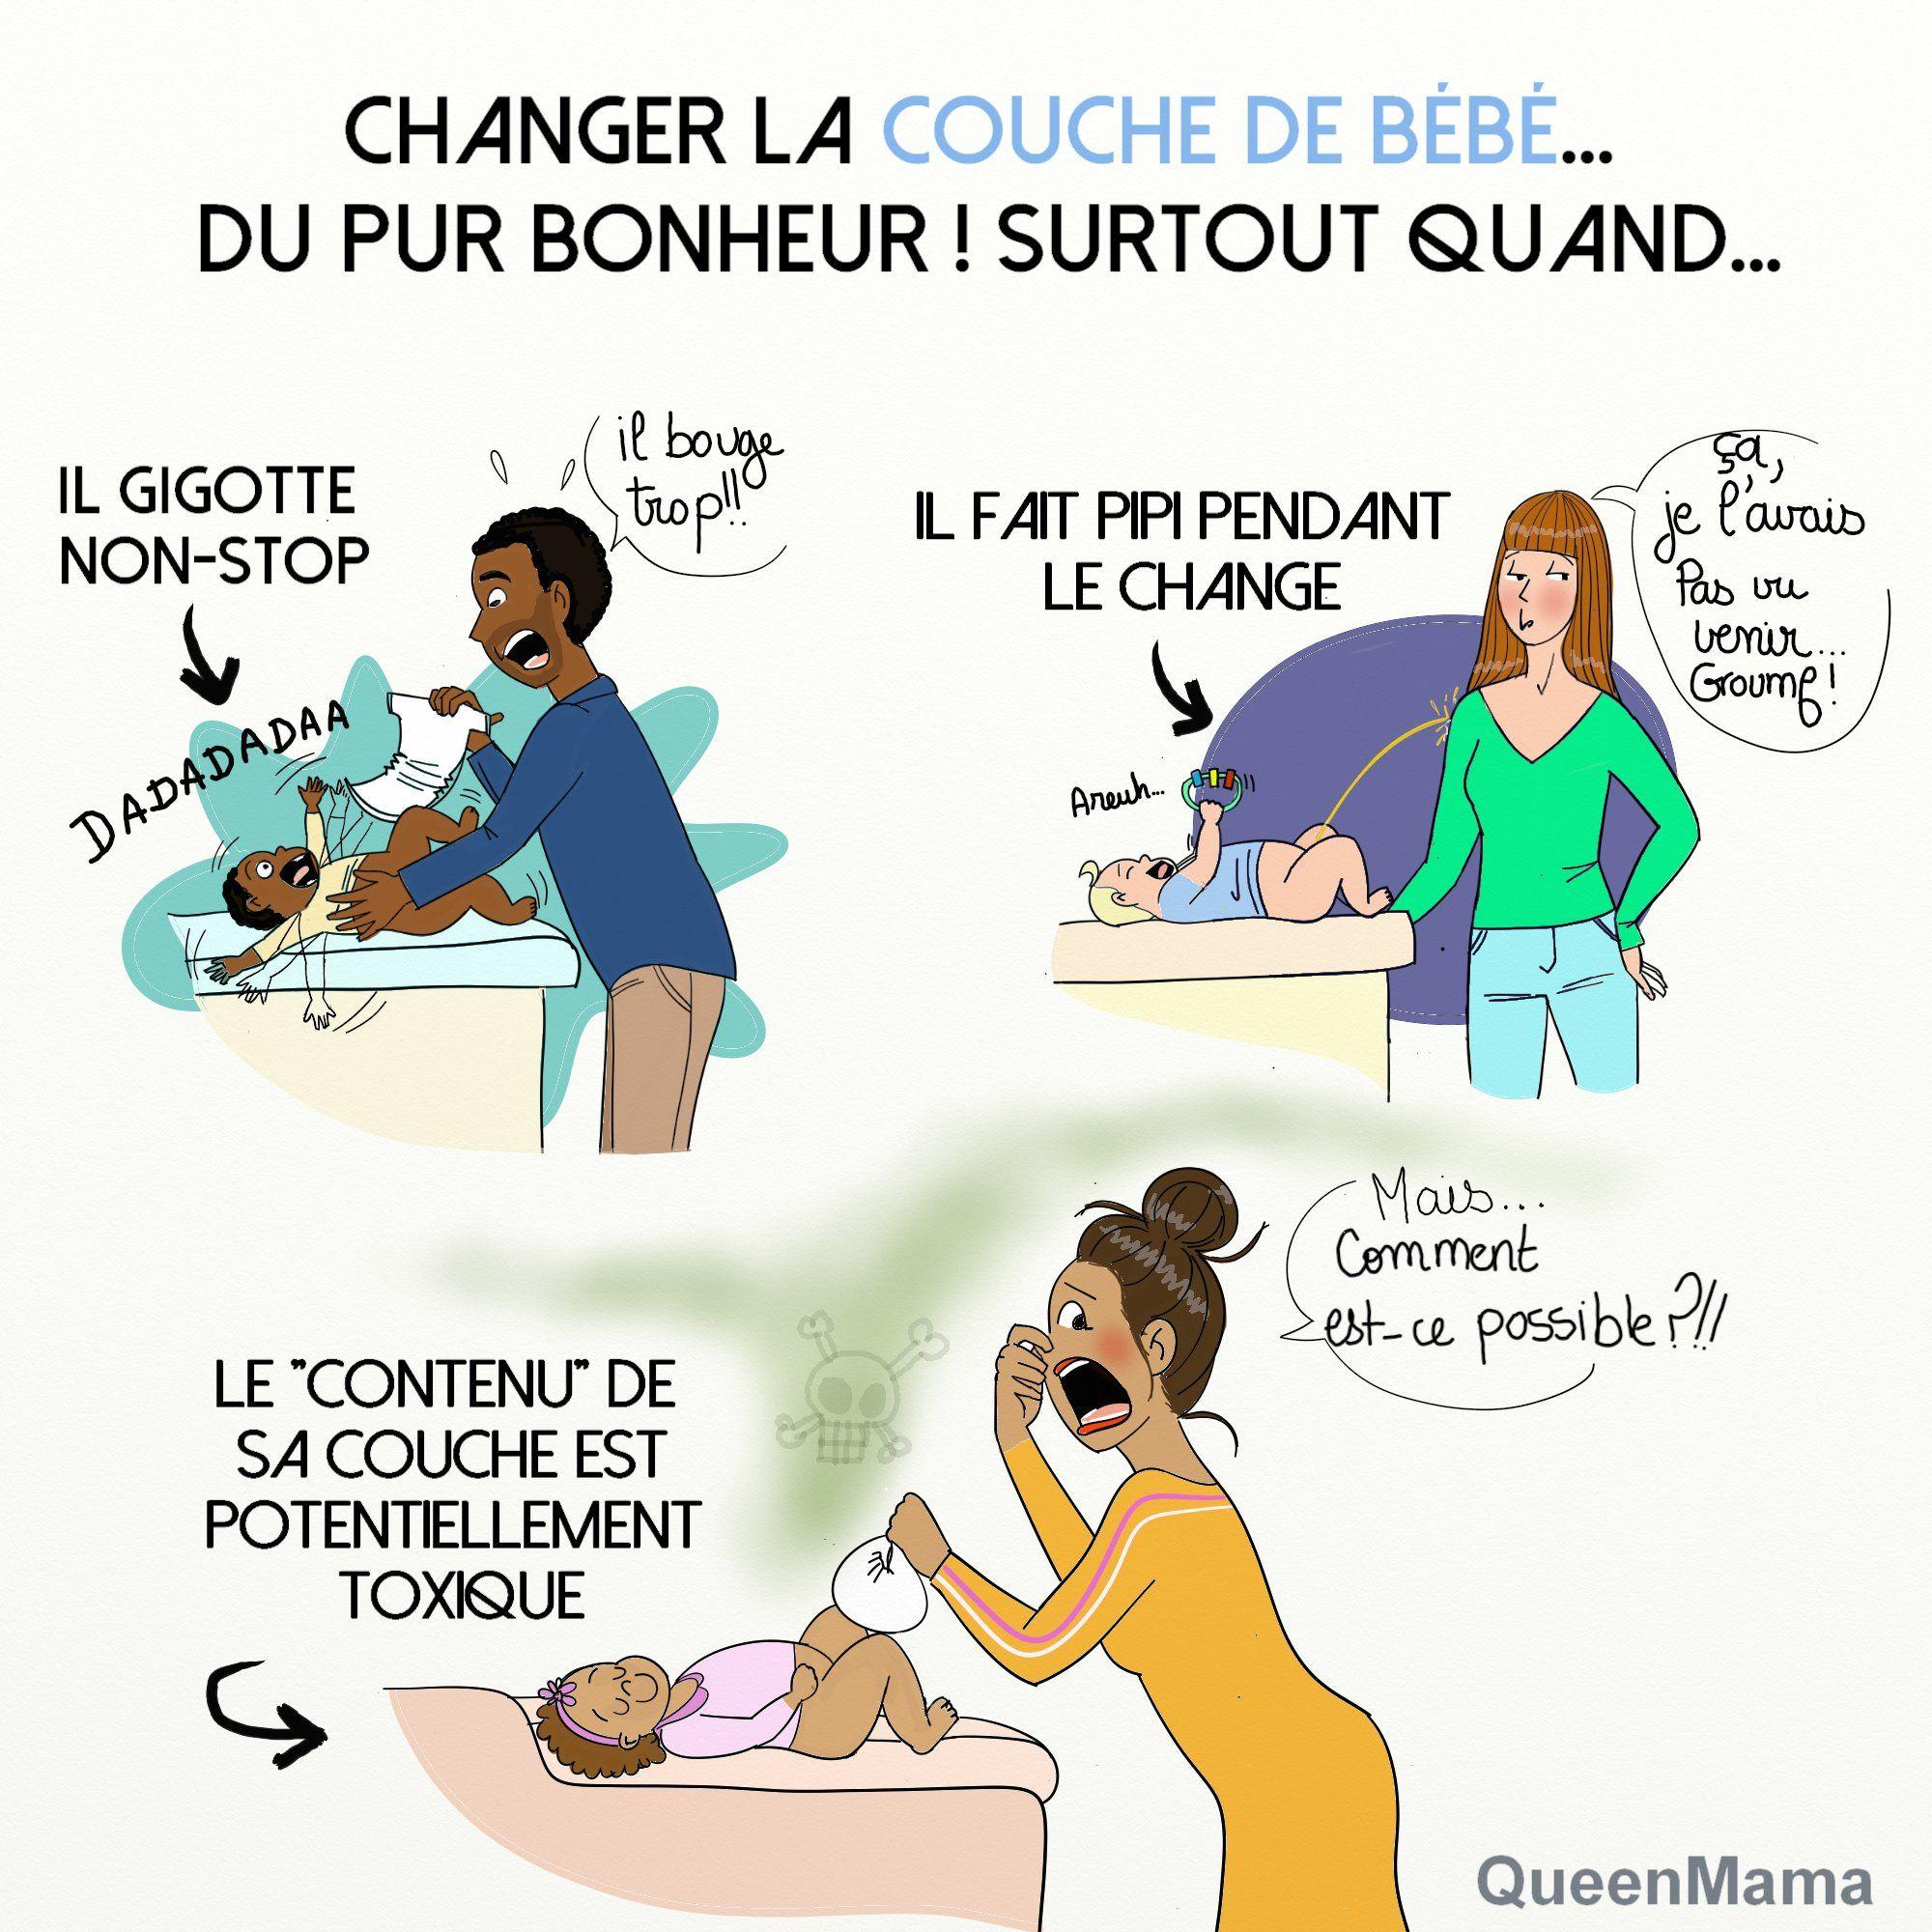 humour parents bébés quand il faut changer la couche | Humour parent, Bebe  couche, Éducation petite enfance